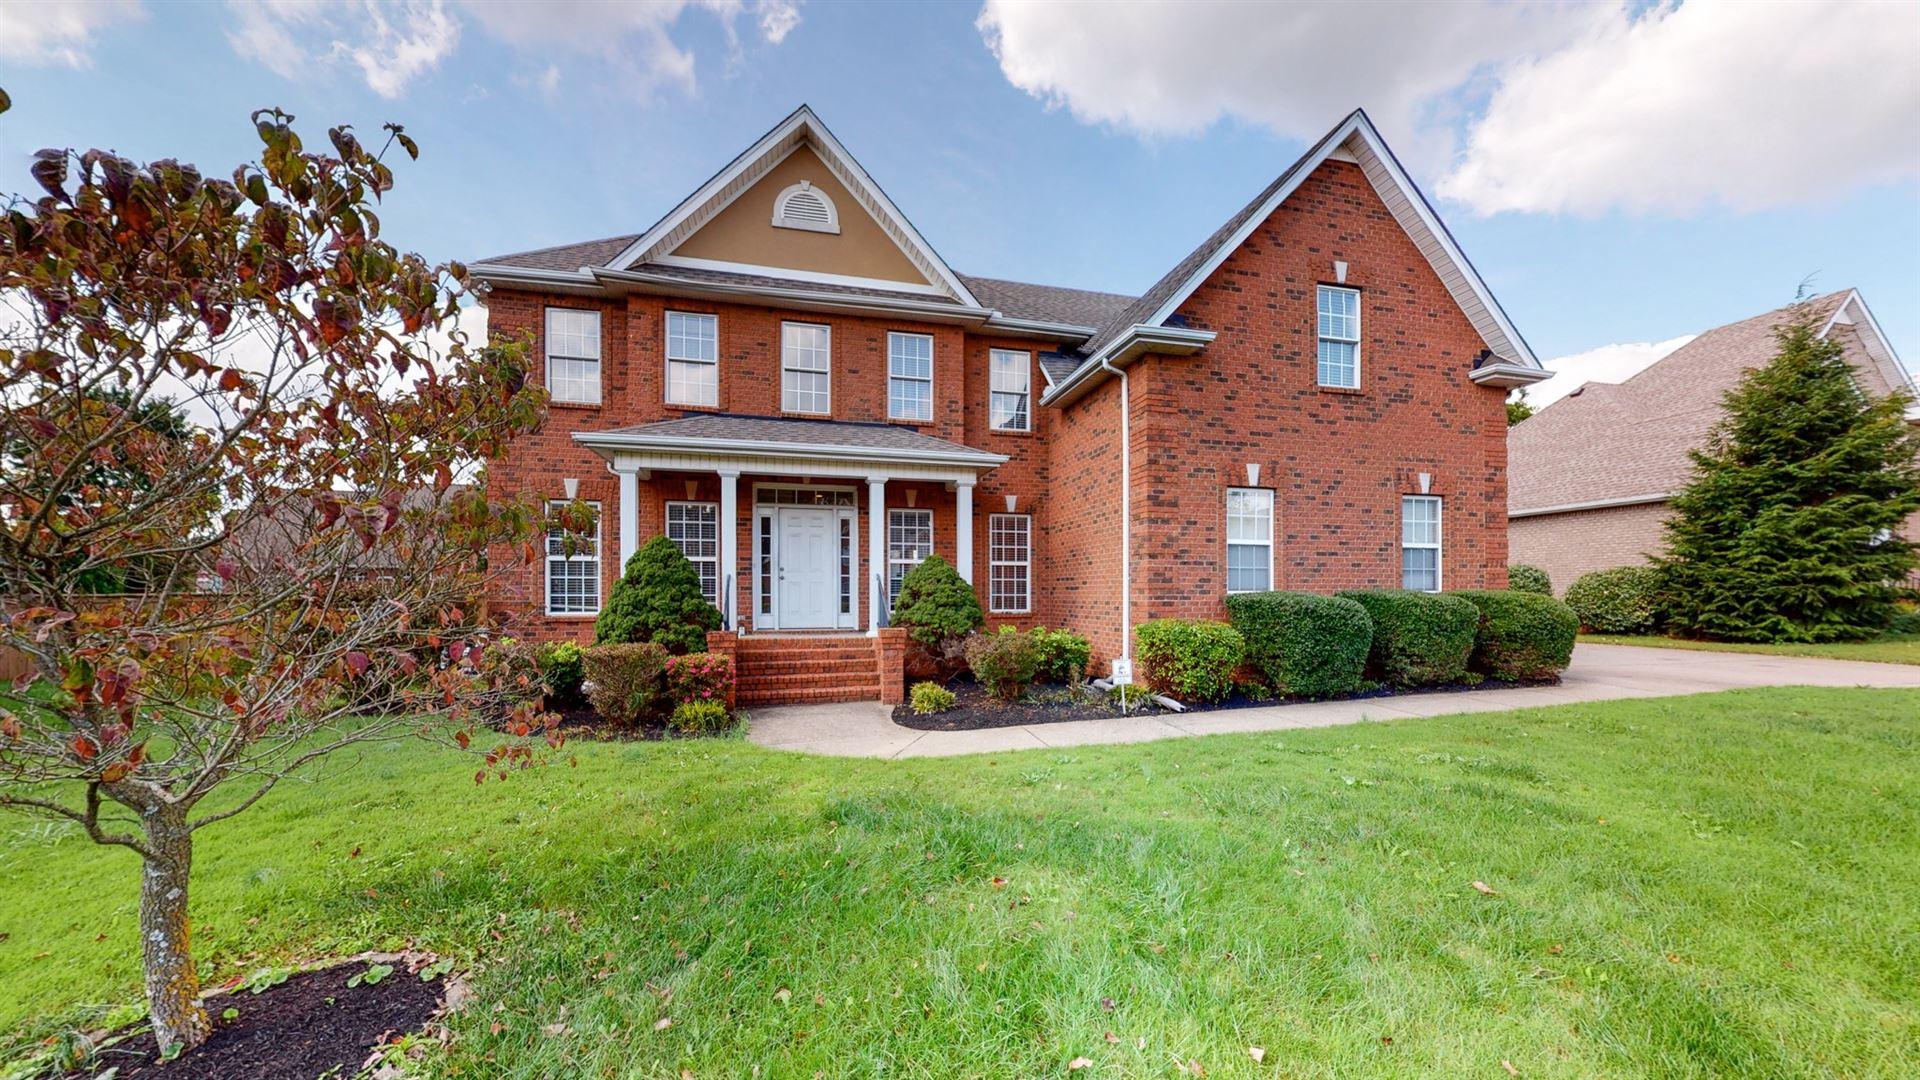 2928 Schoolside St, Murfreesboro, TN 37128 - MLS#: 2299668